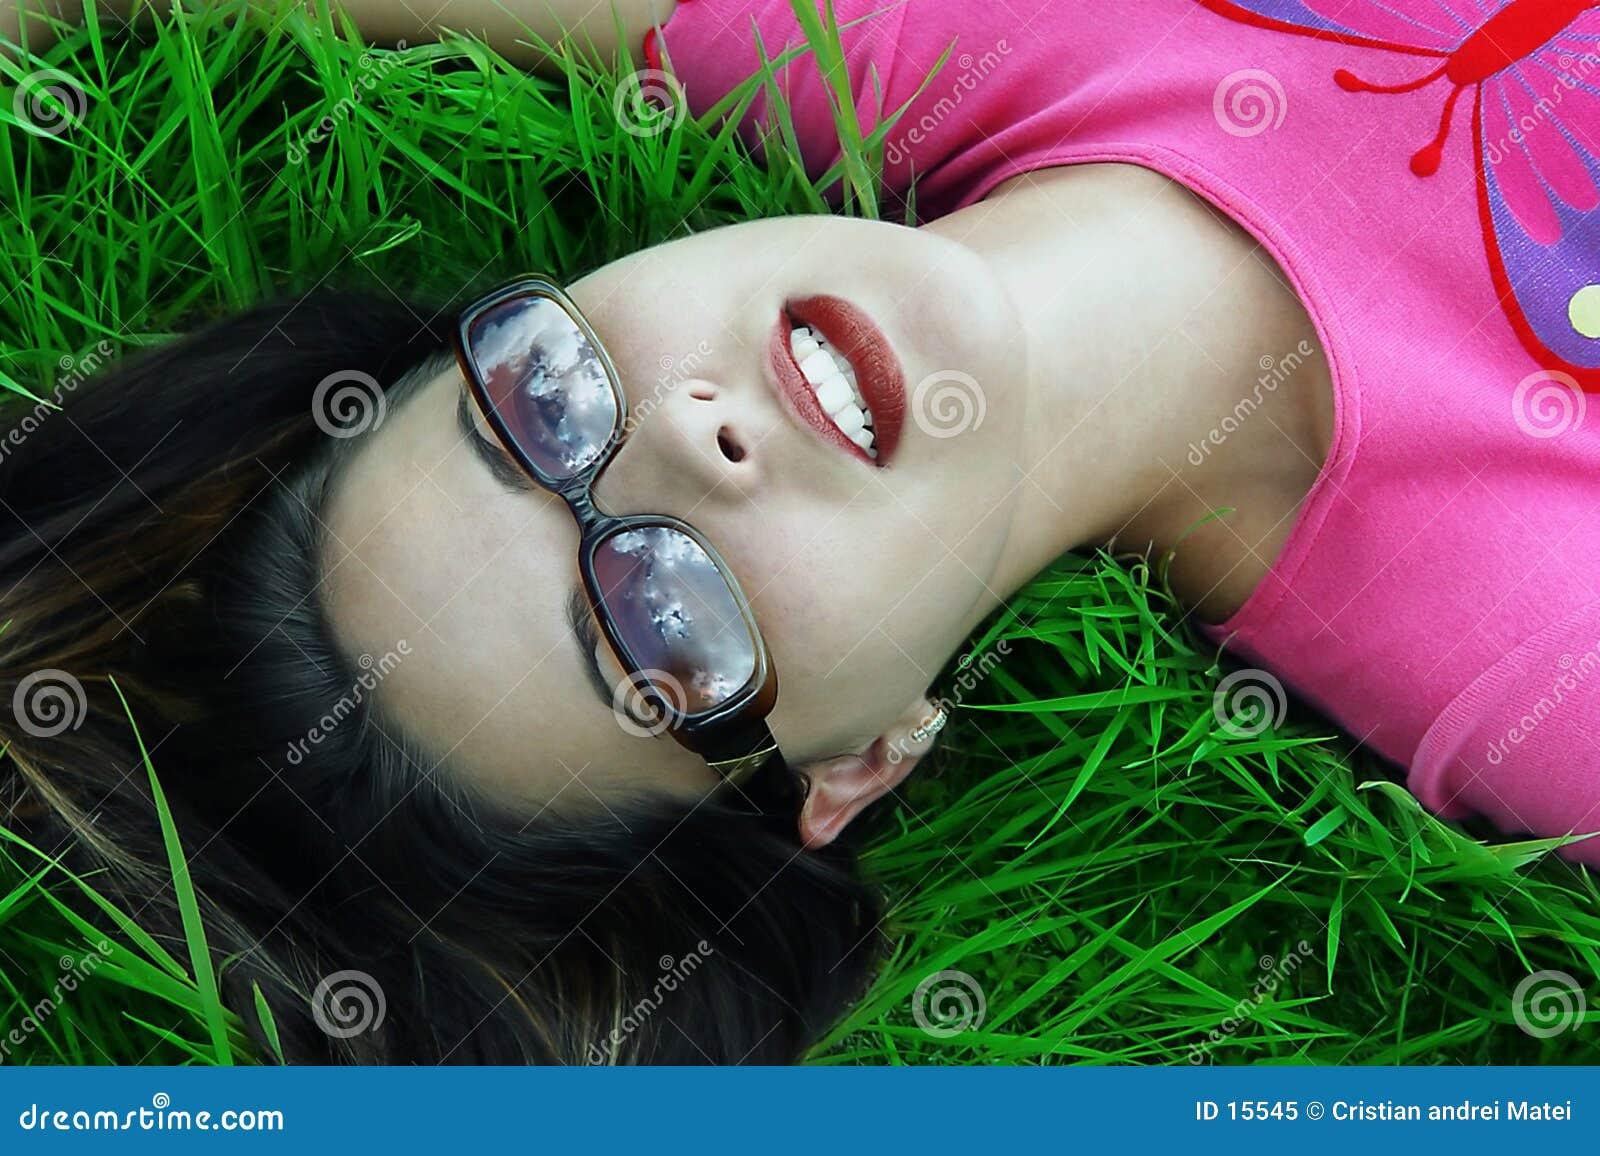 Mädchen entspanntes Träumen